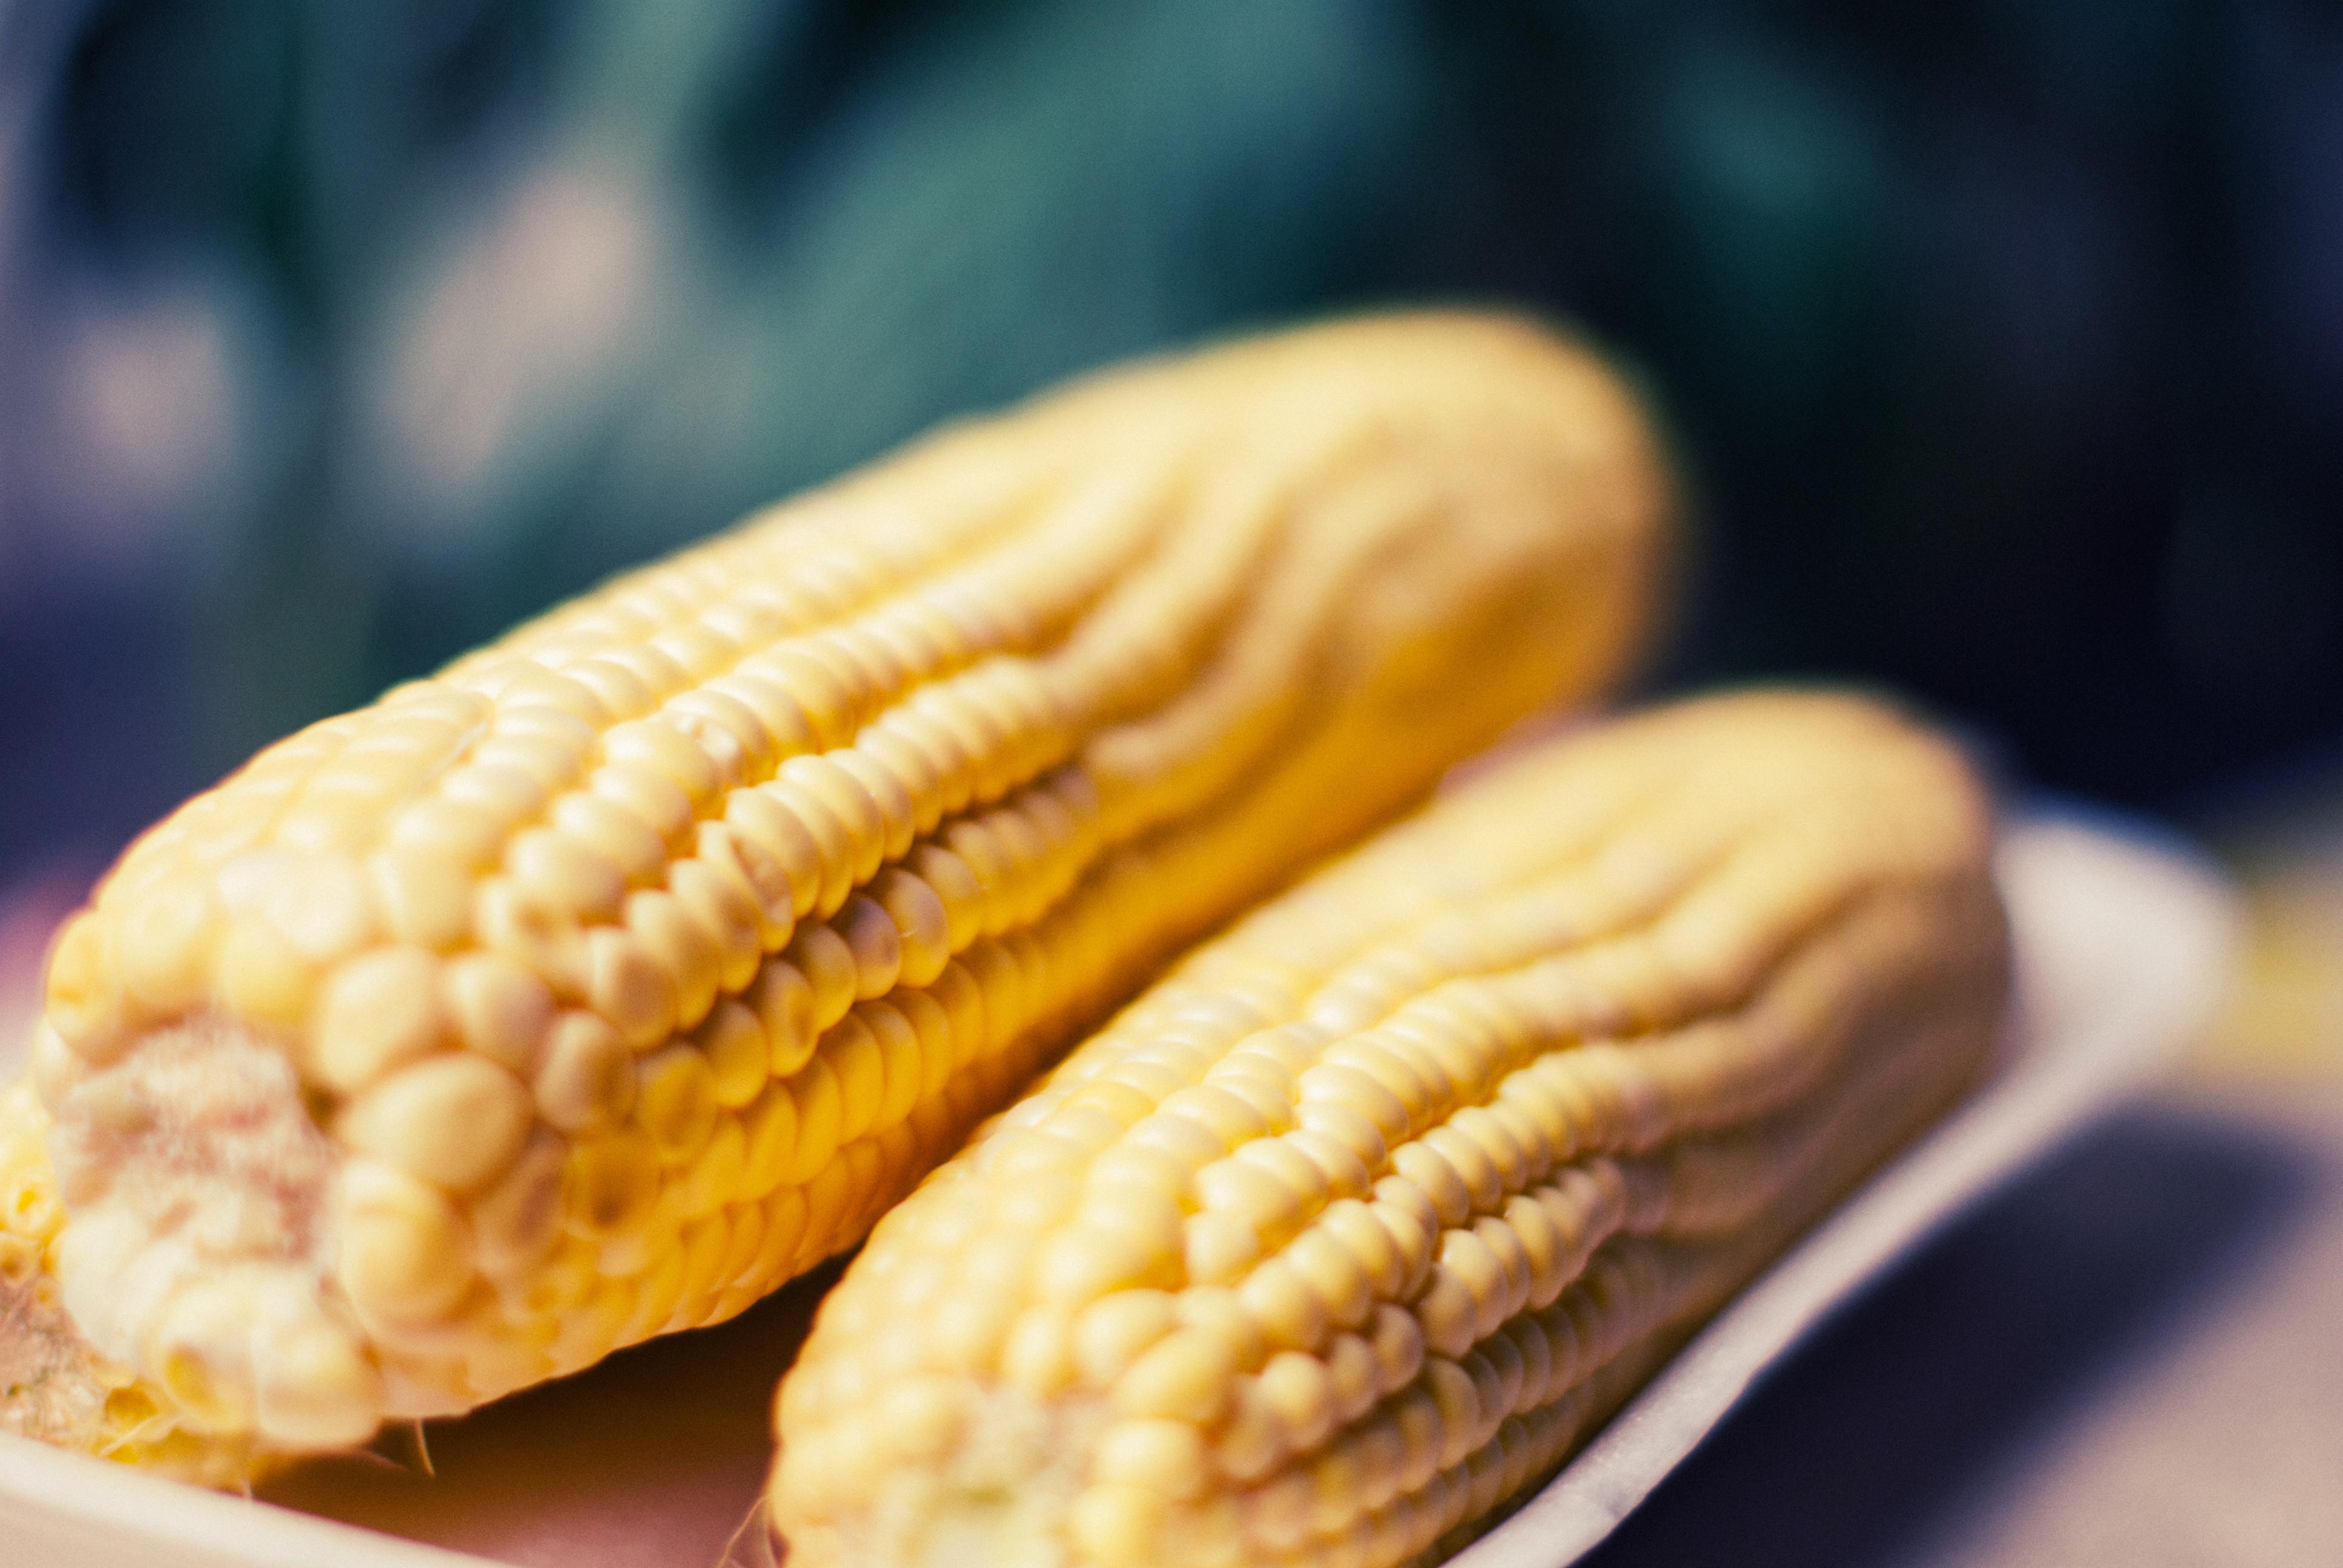 Кукуруза: польза и вред для организма человека, вареная